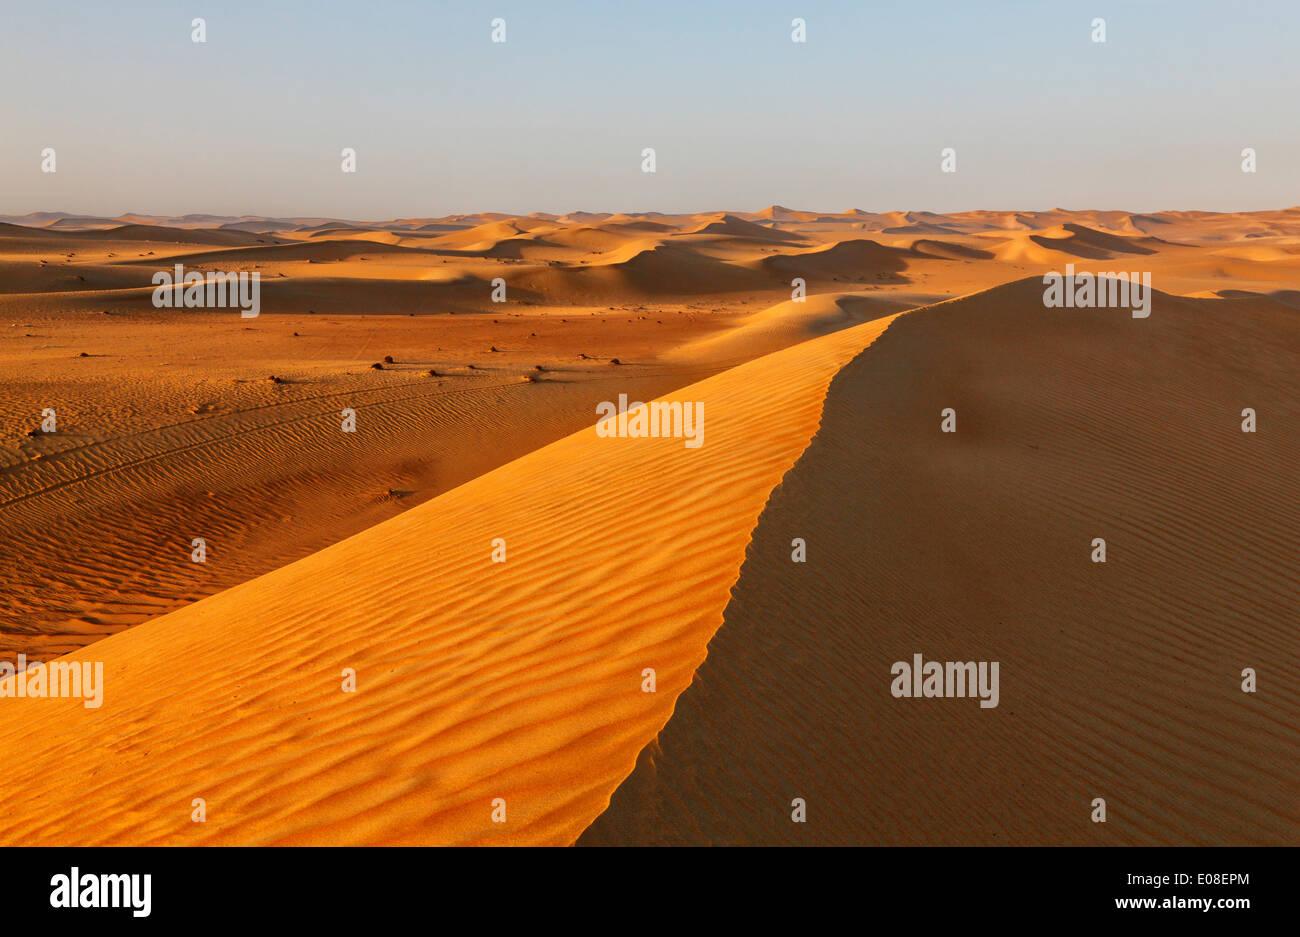 Sand dune landscape in Arabian desert. Stock Photo